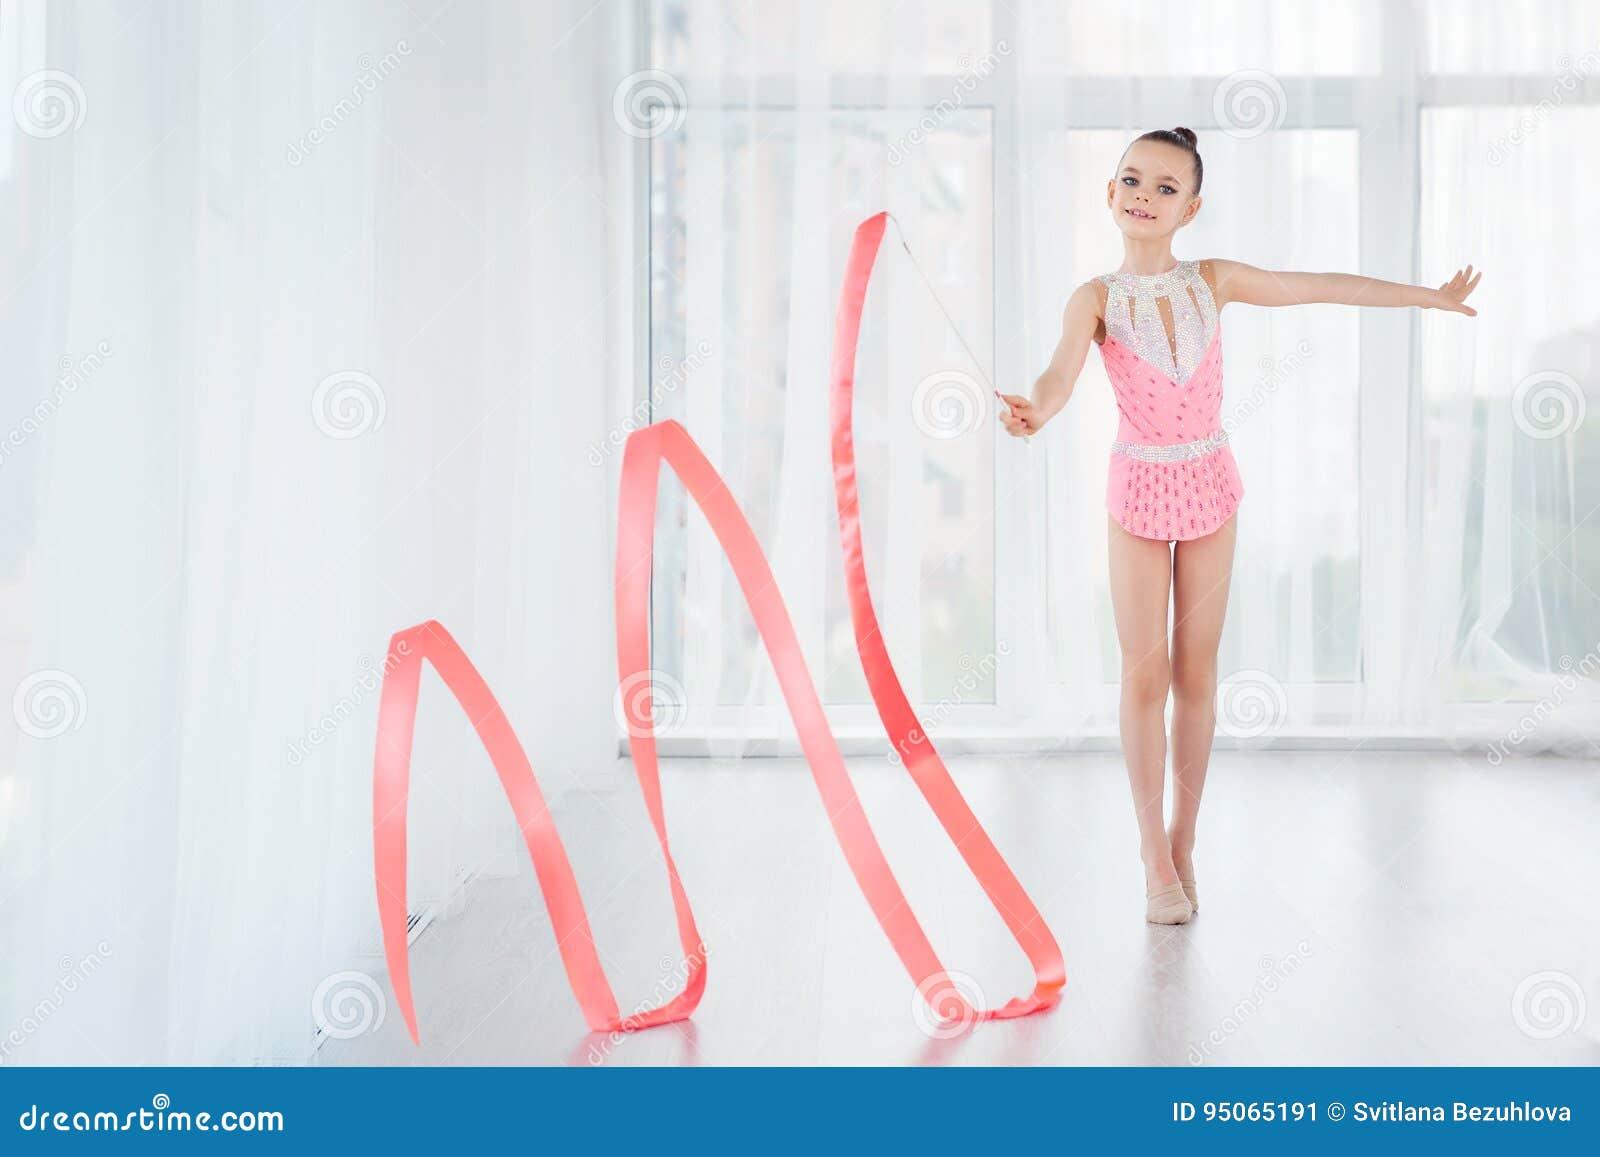 Όμορφο λίγο gymnast κορίτσι στο ρόδινο sportswear φόρεμα, που κάνει τη ρυθμική άσκηση γυμναστικής κινείται σπειροειδώς με την κορ